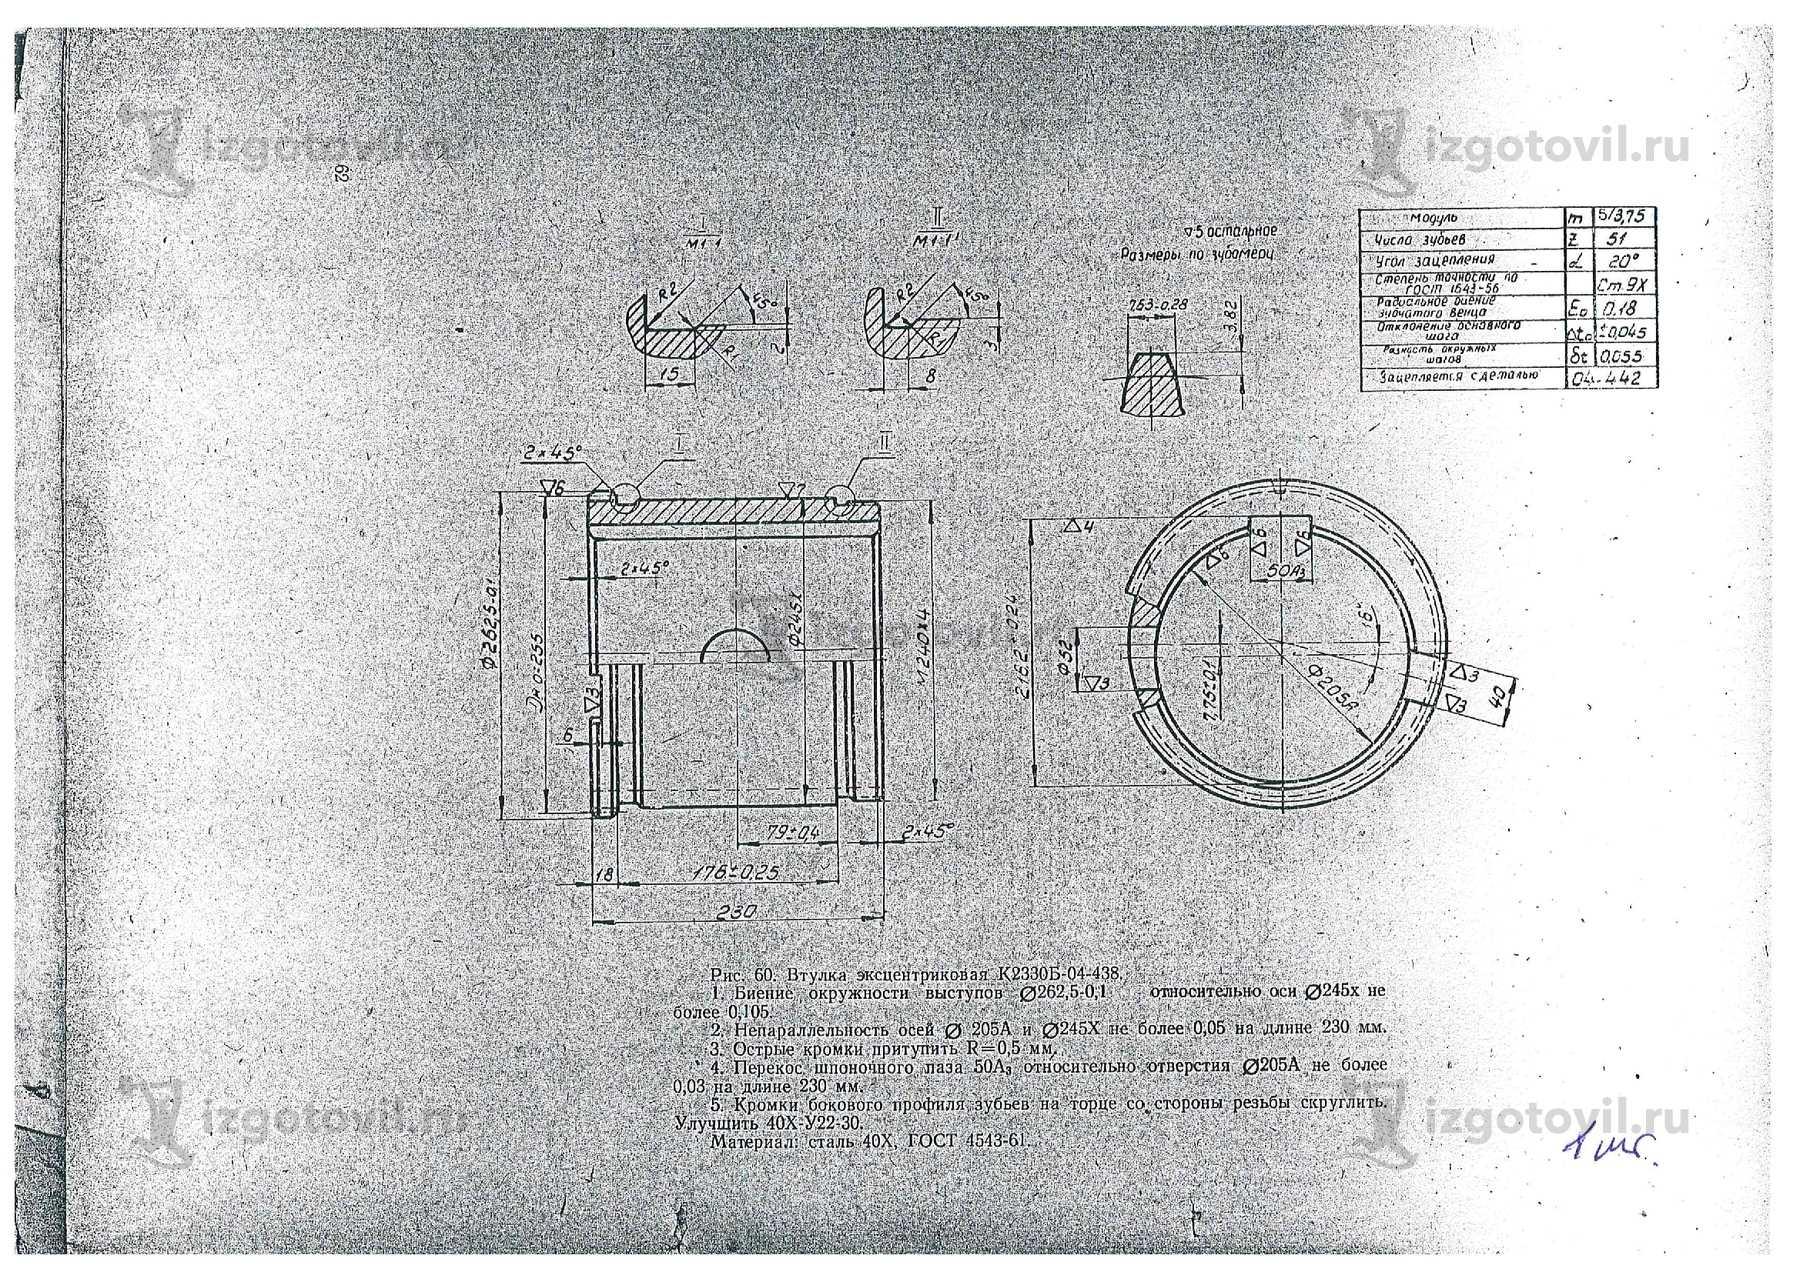 Изготовление токарных деталей (Втулка эксцентриковая )